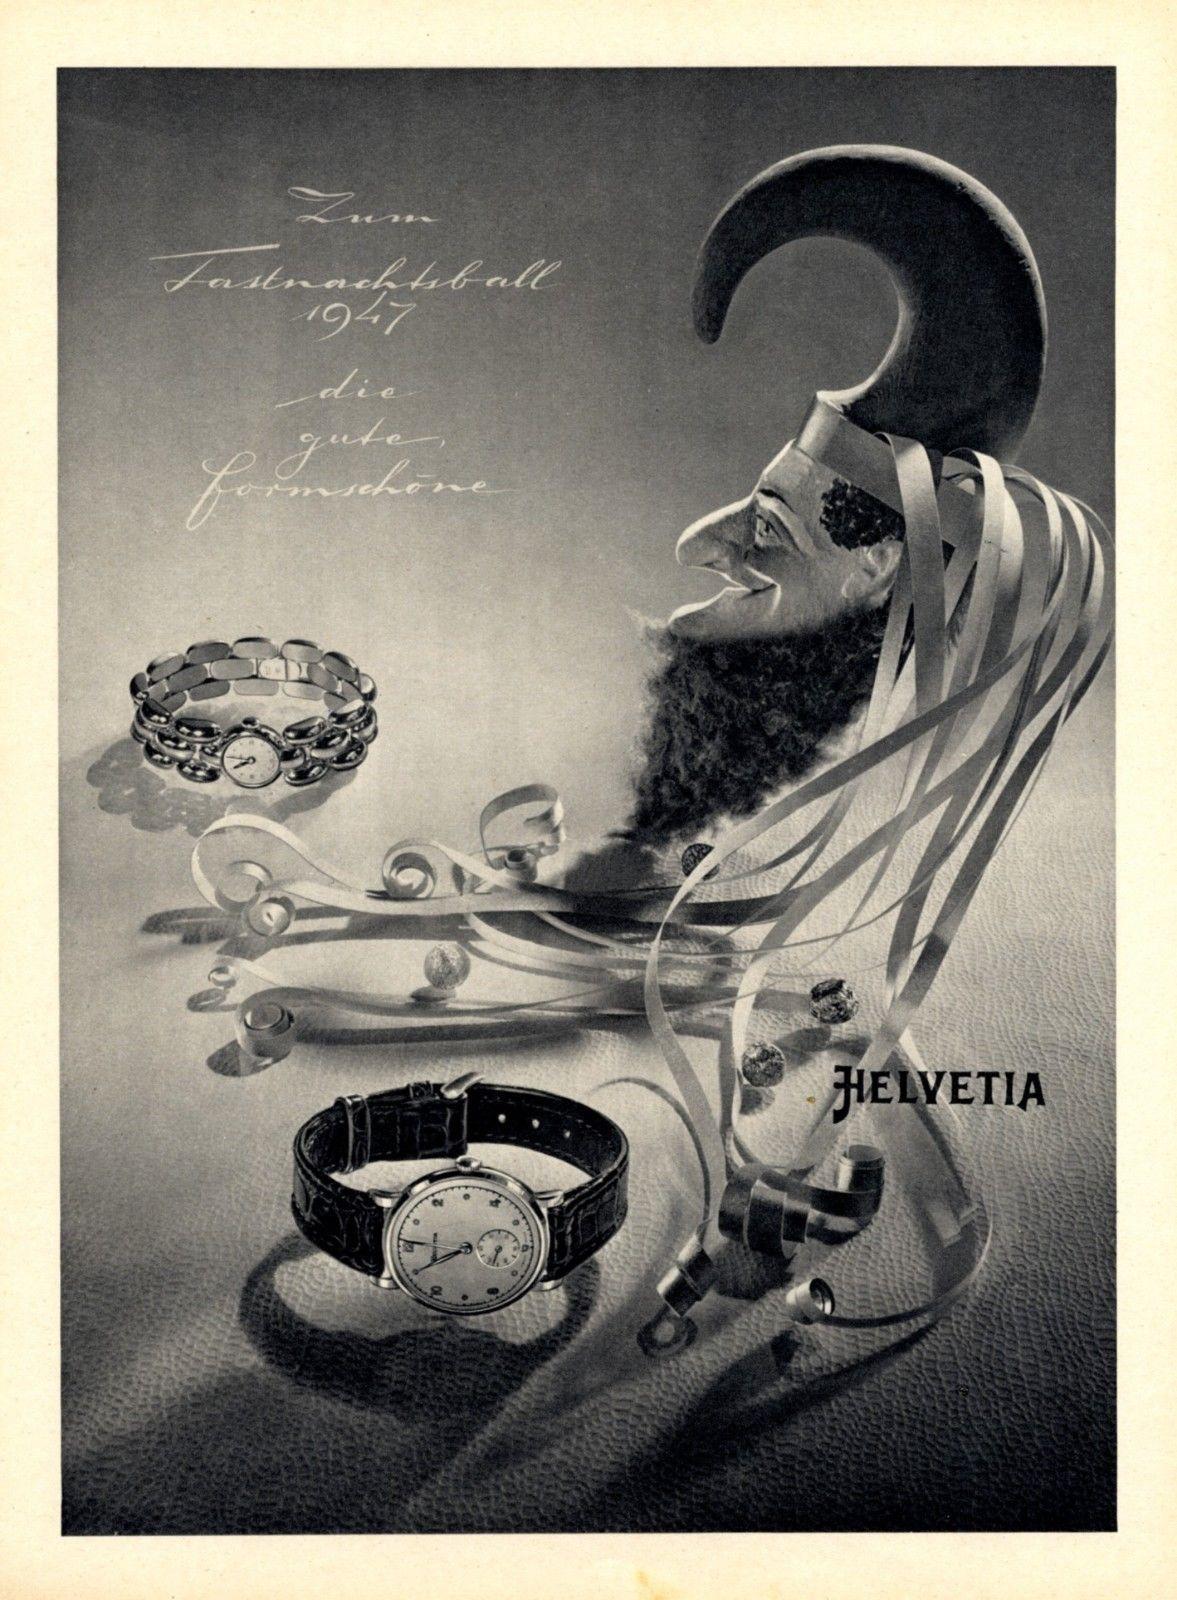 Helvetia Advertisement 1947